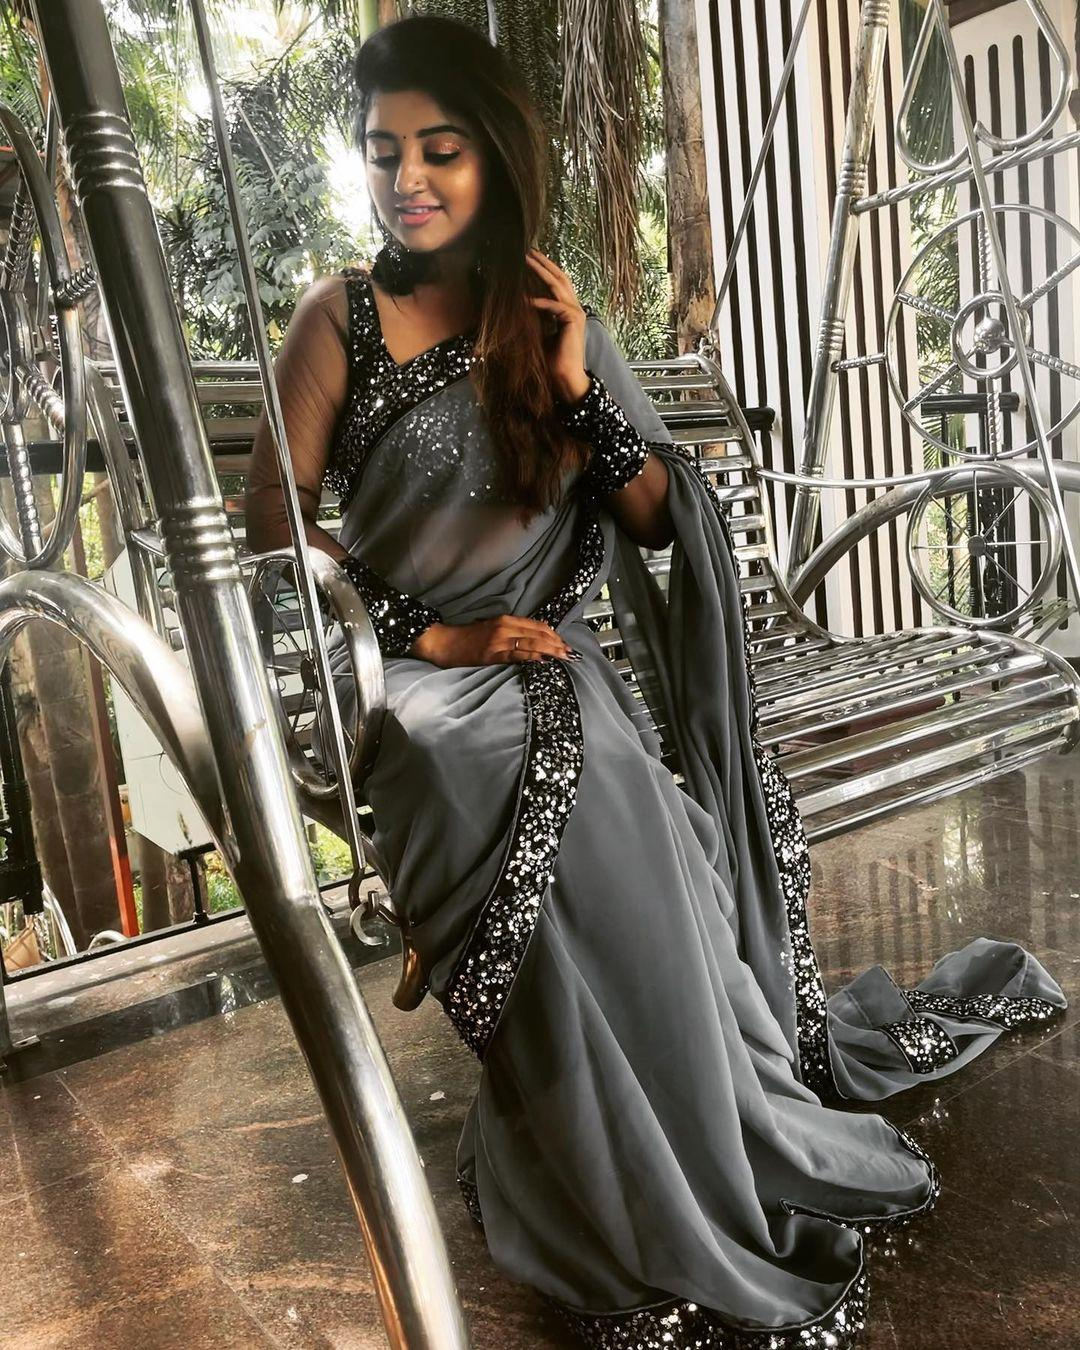 சீரியல் நடிகை மகாலட்சுமியின் ஸ்டைலிஷ் போட்டோஷூட்